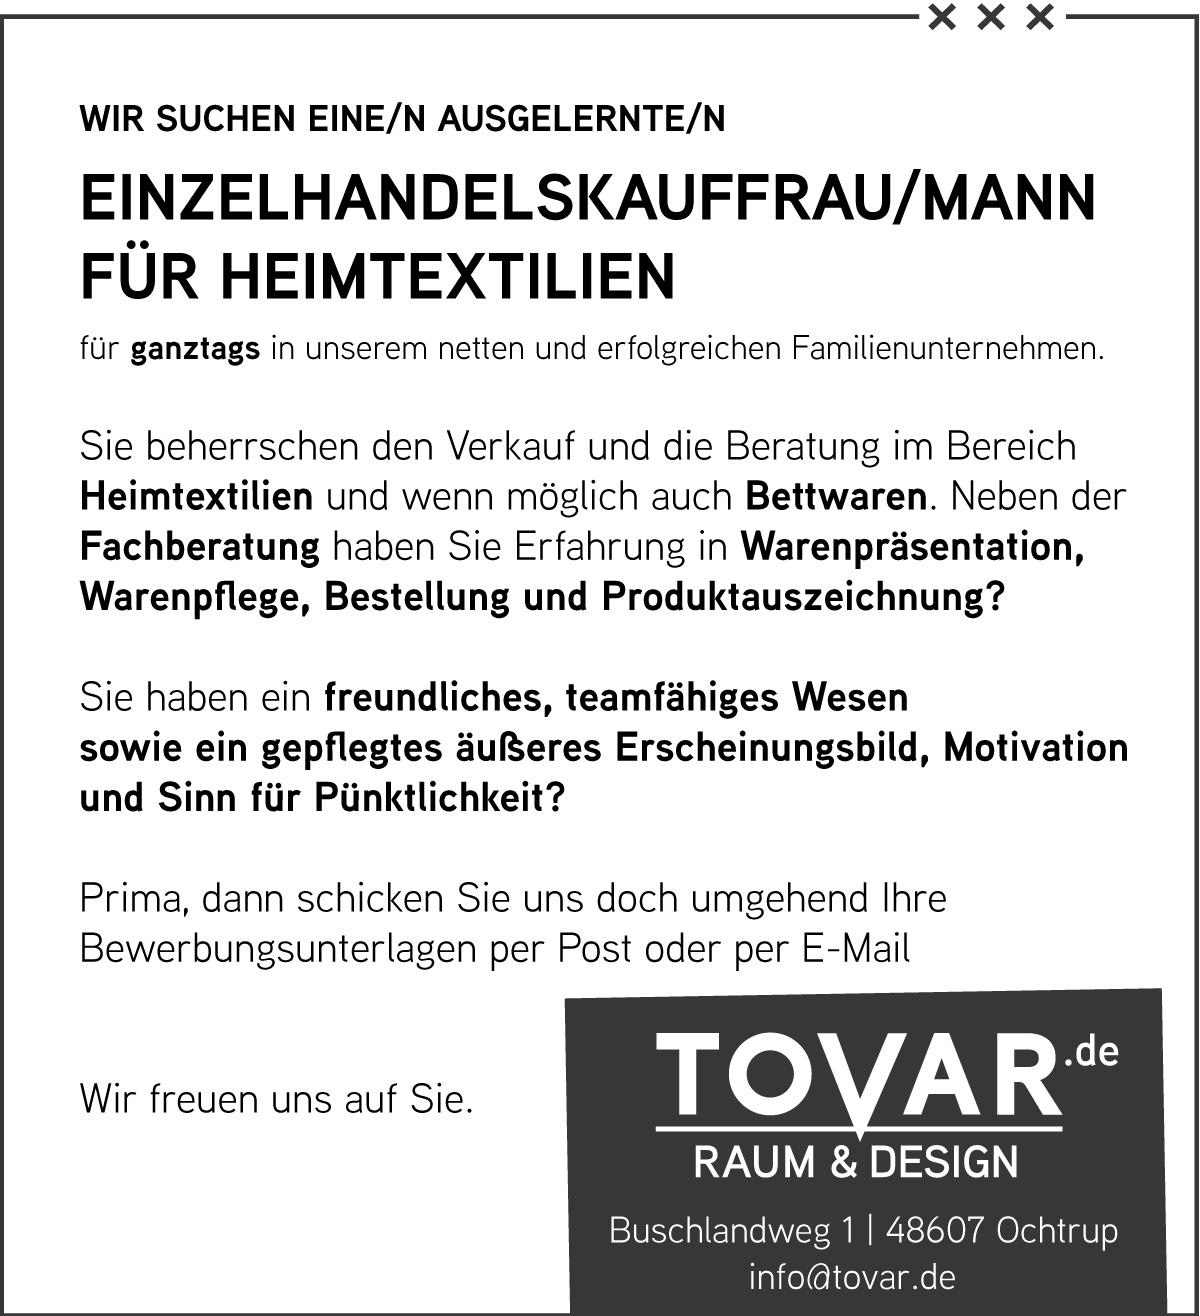 tovar_stellenanzeige_einzelhandelskauffrau